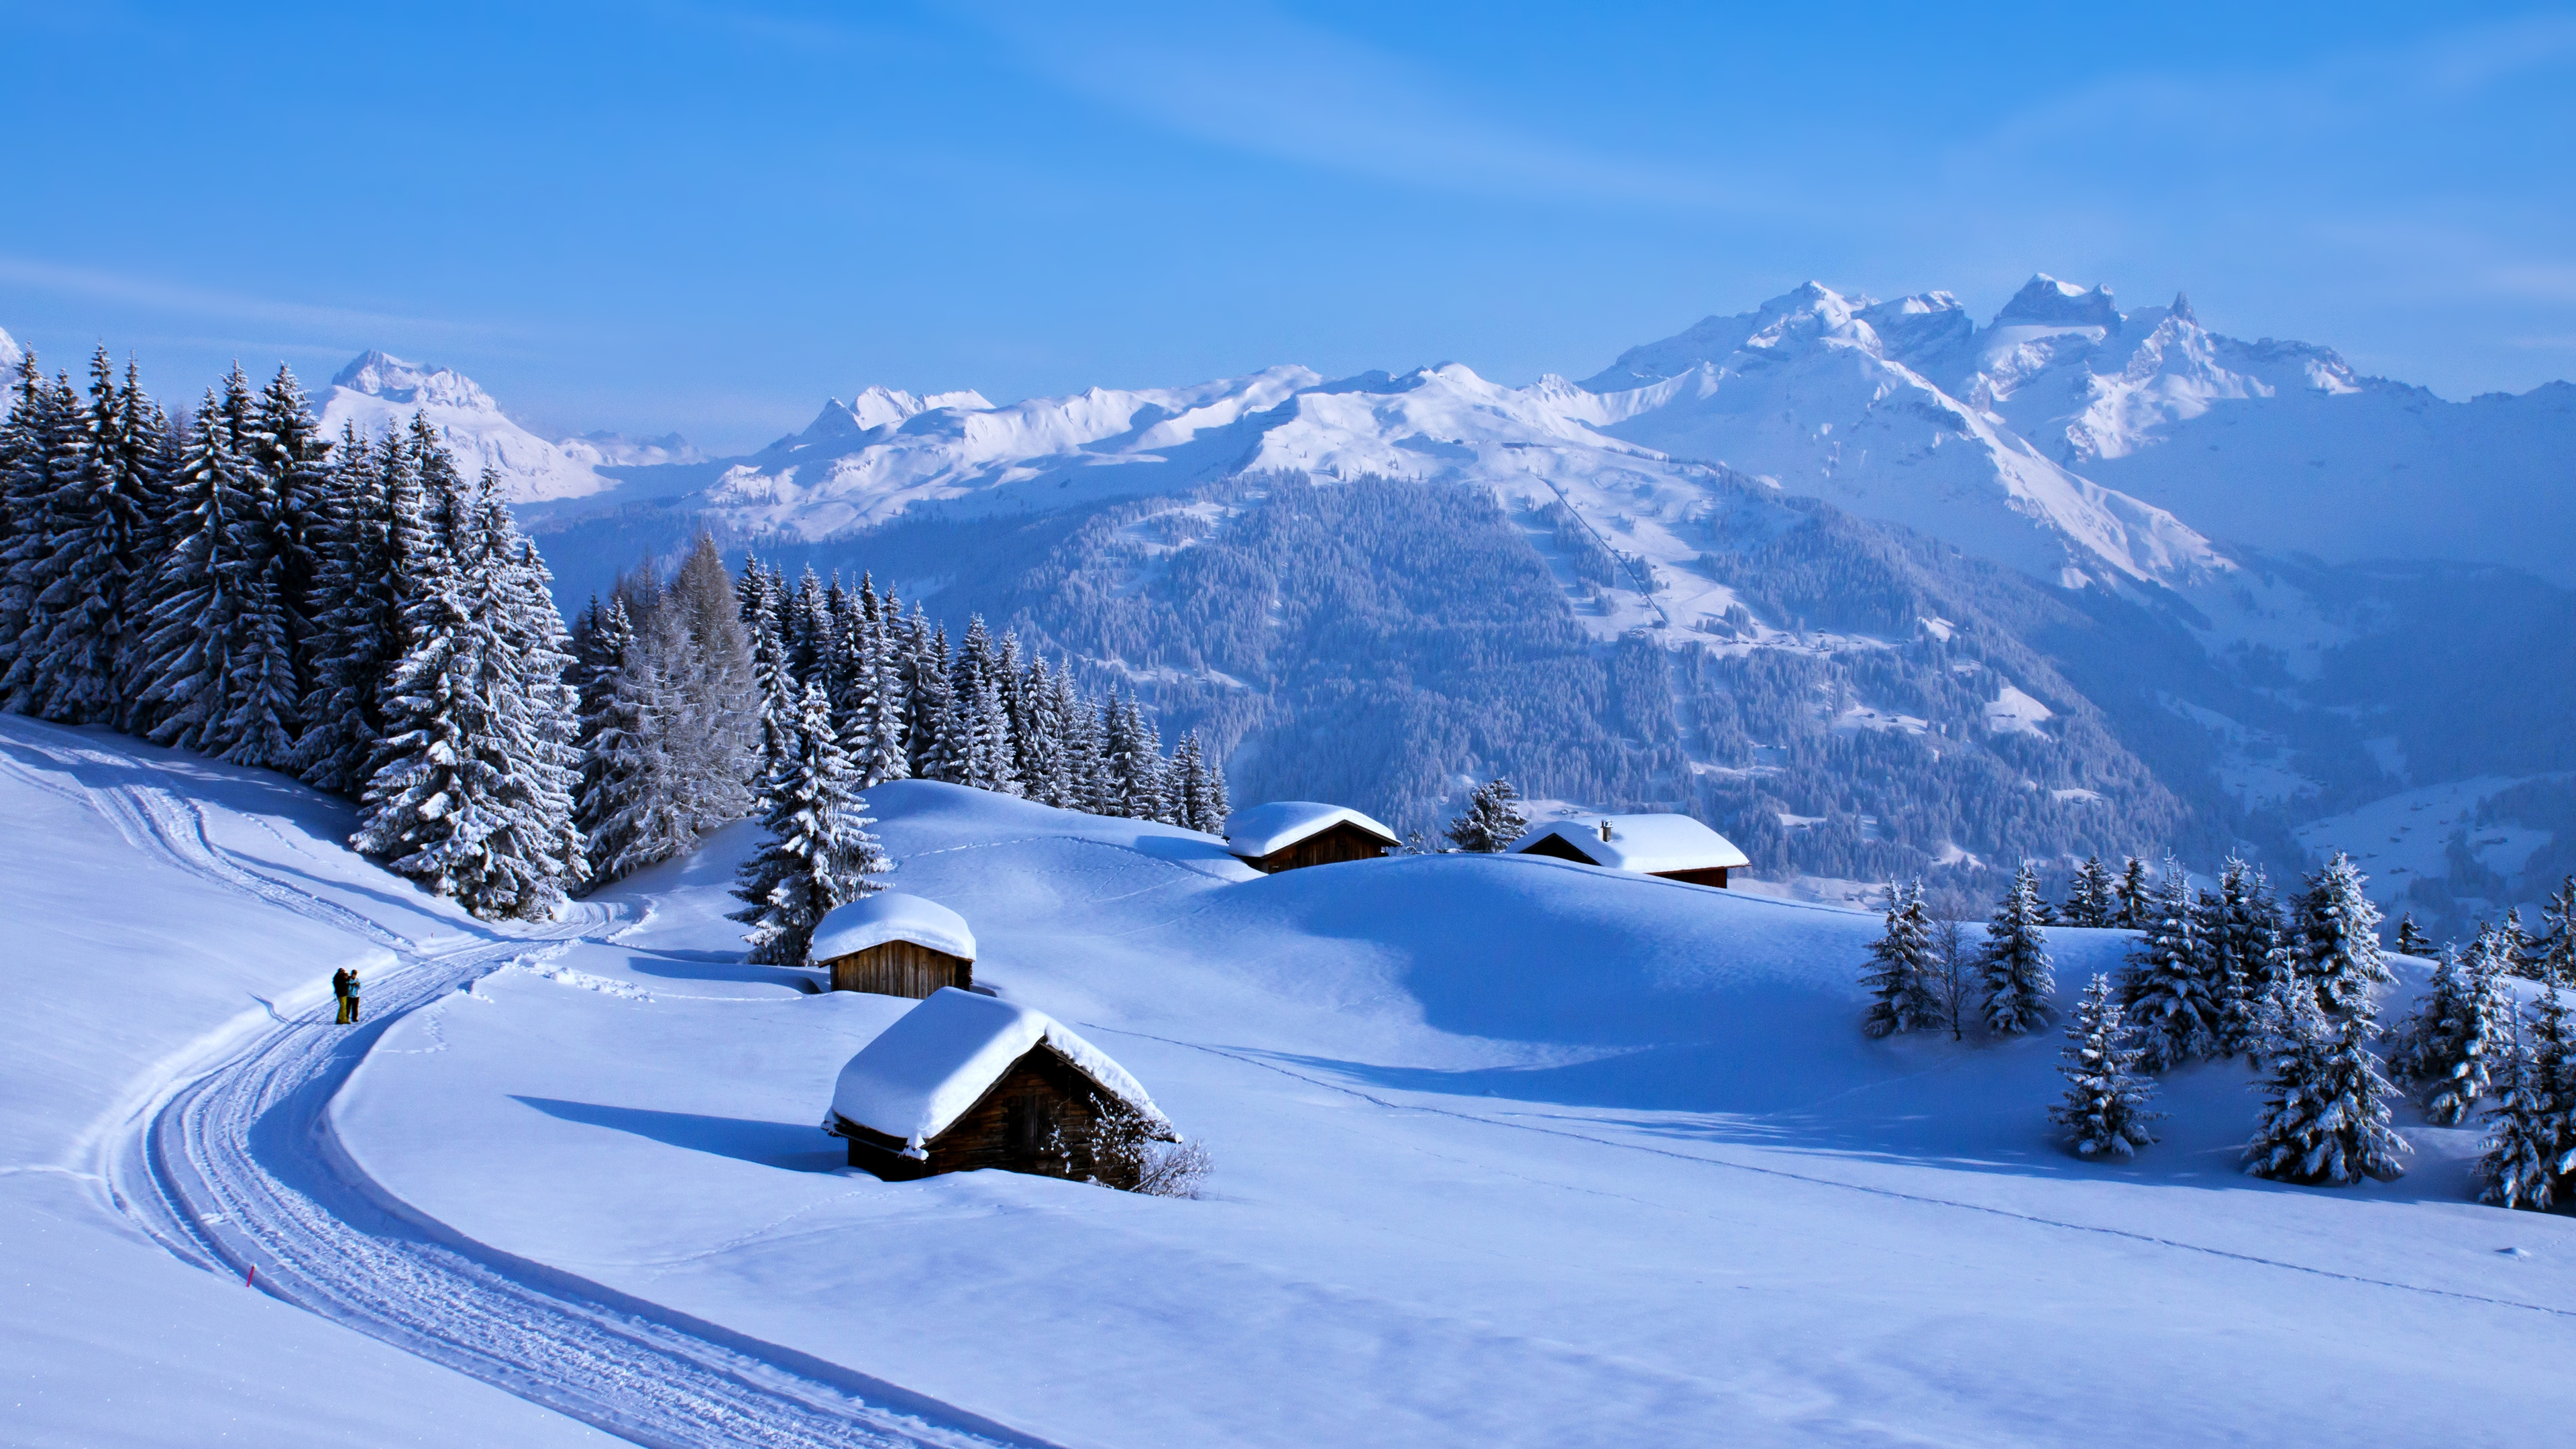 деревня зима горы  № 3188432 загрузить